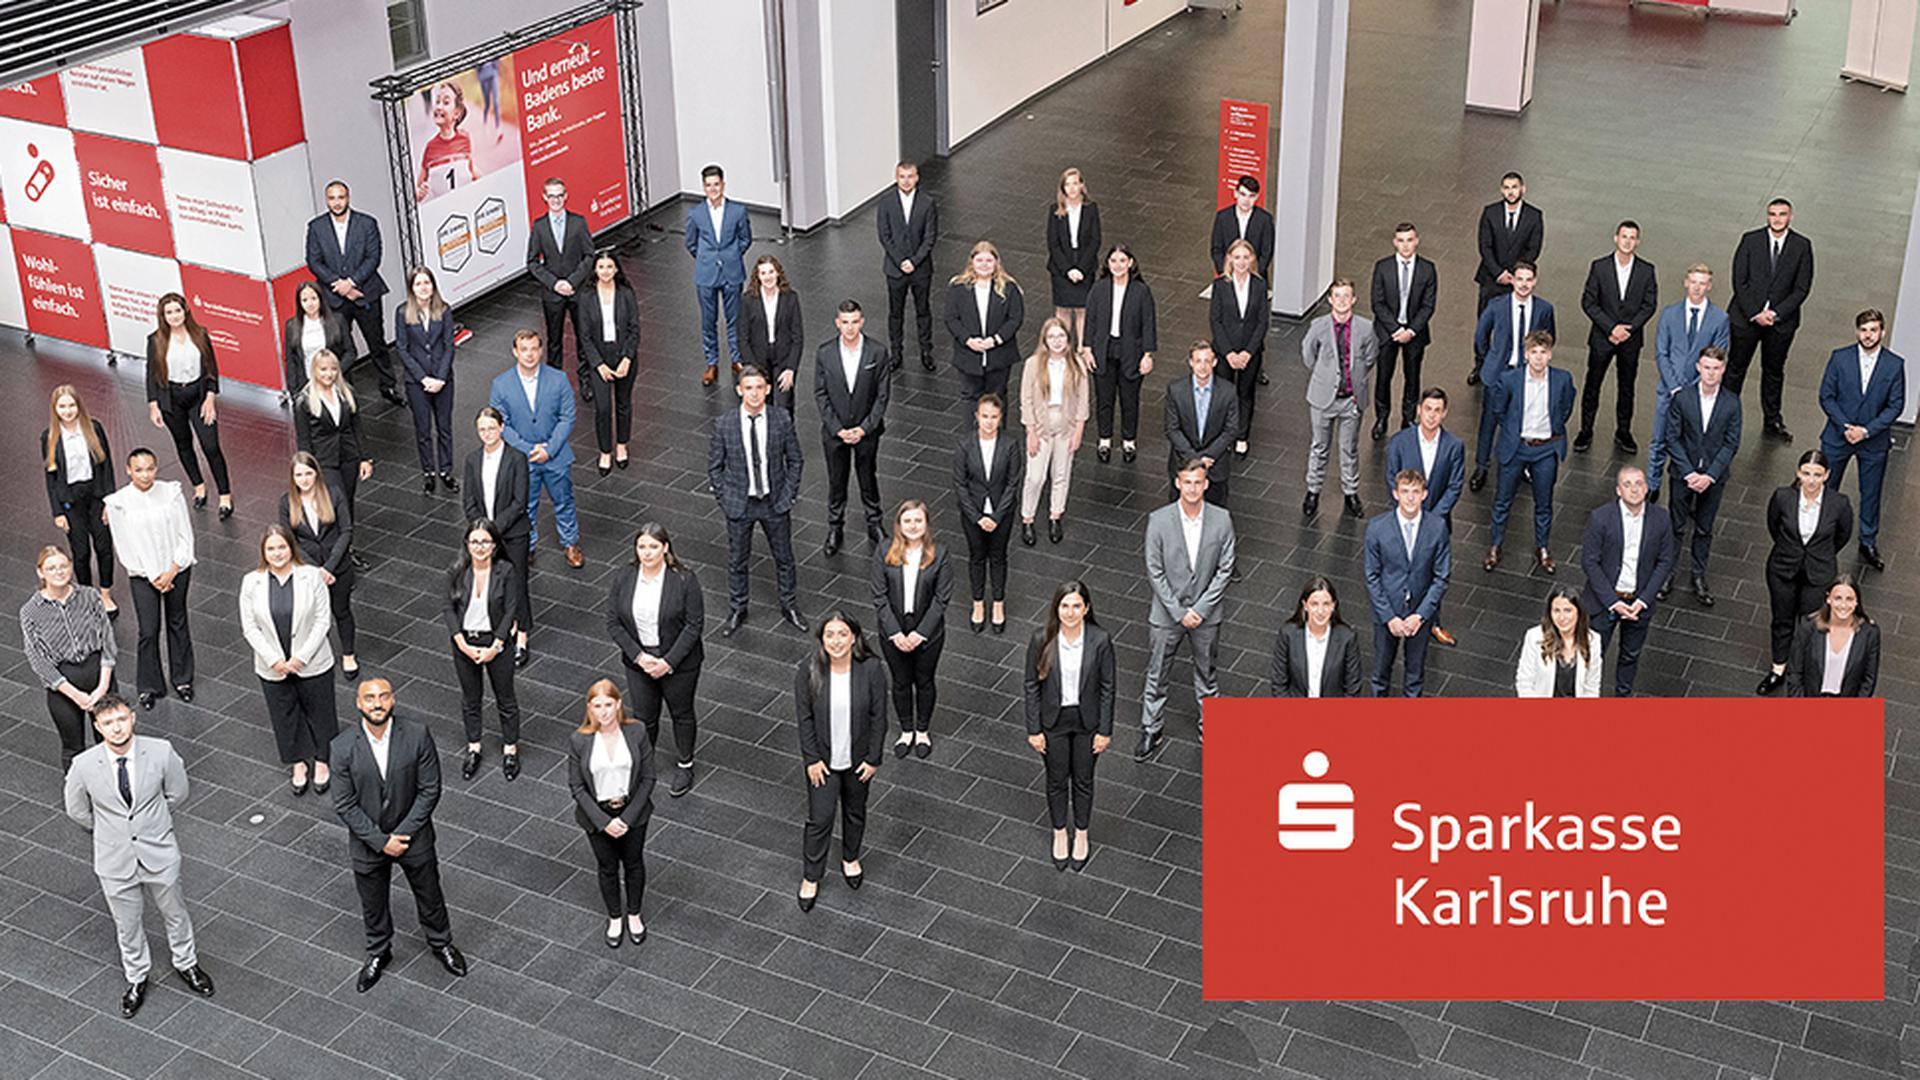 Ausbildung oder Studium bei der Sparkasse Karlsruhe